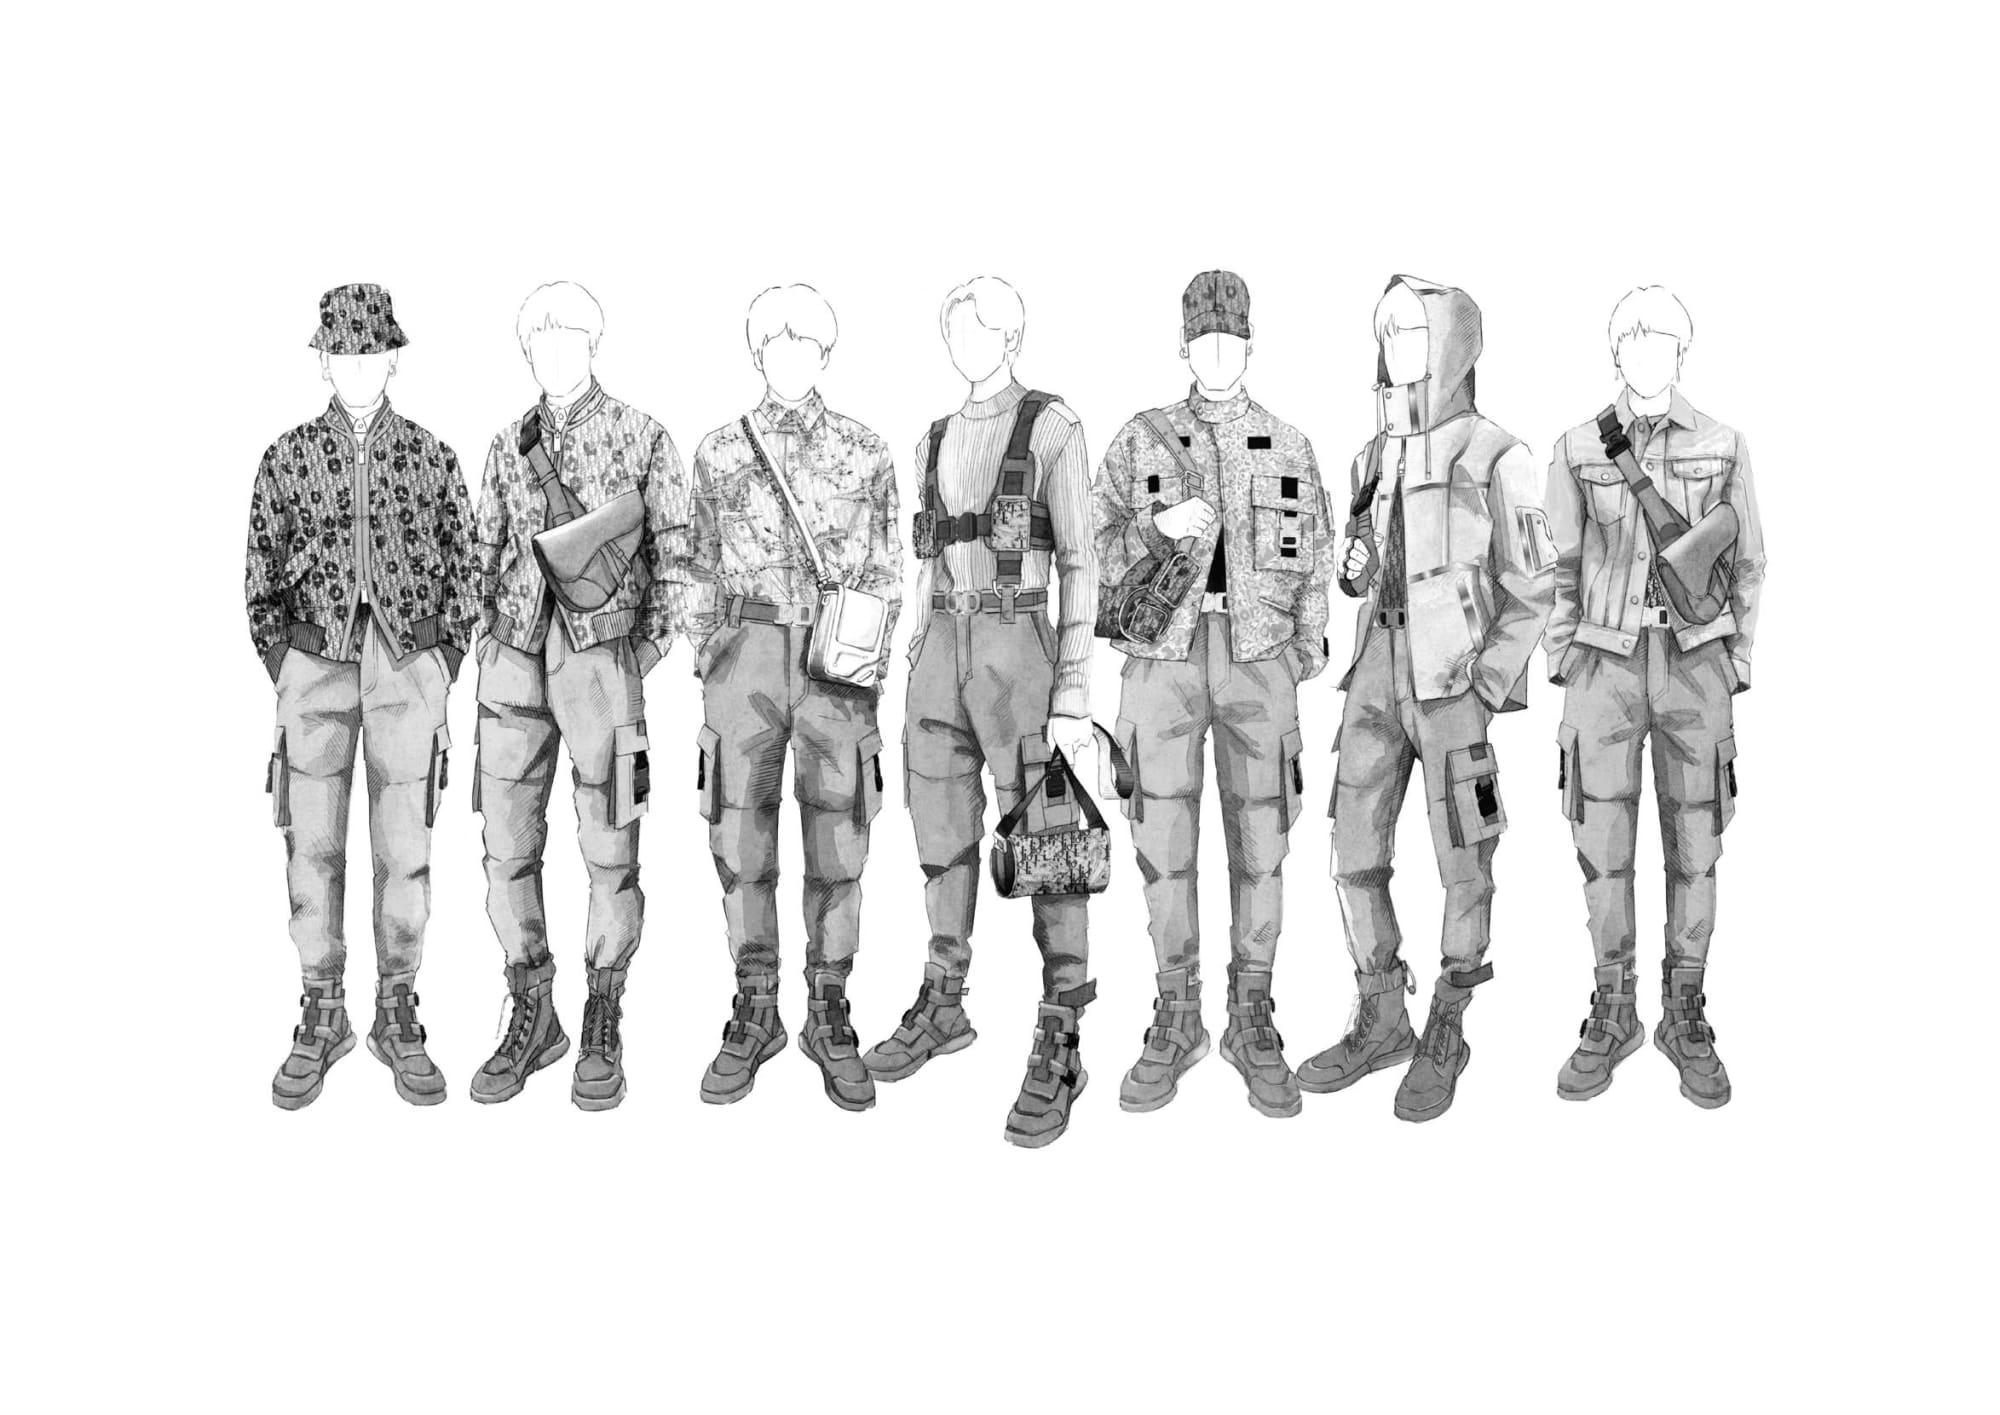 衣装 bts Dior(ディオール)がBTSのツアー衣装手掛ける ブランド史上初の試み